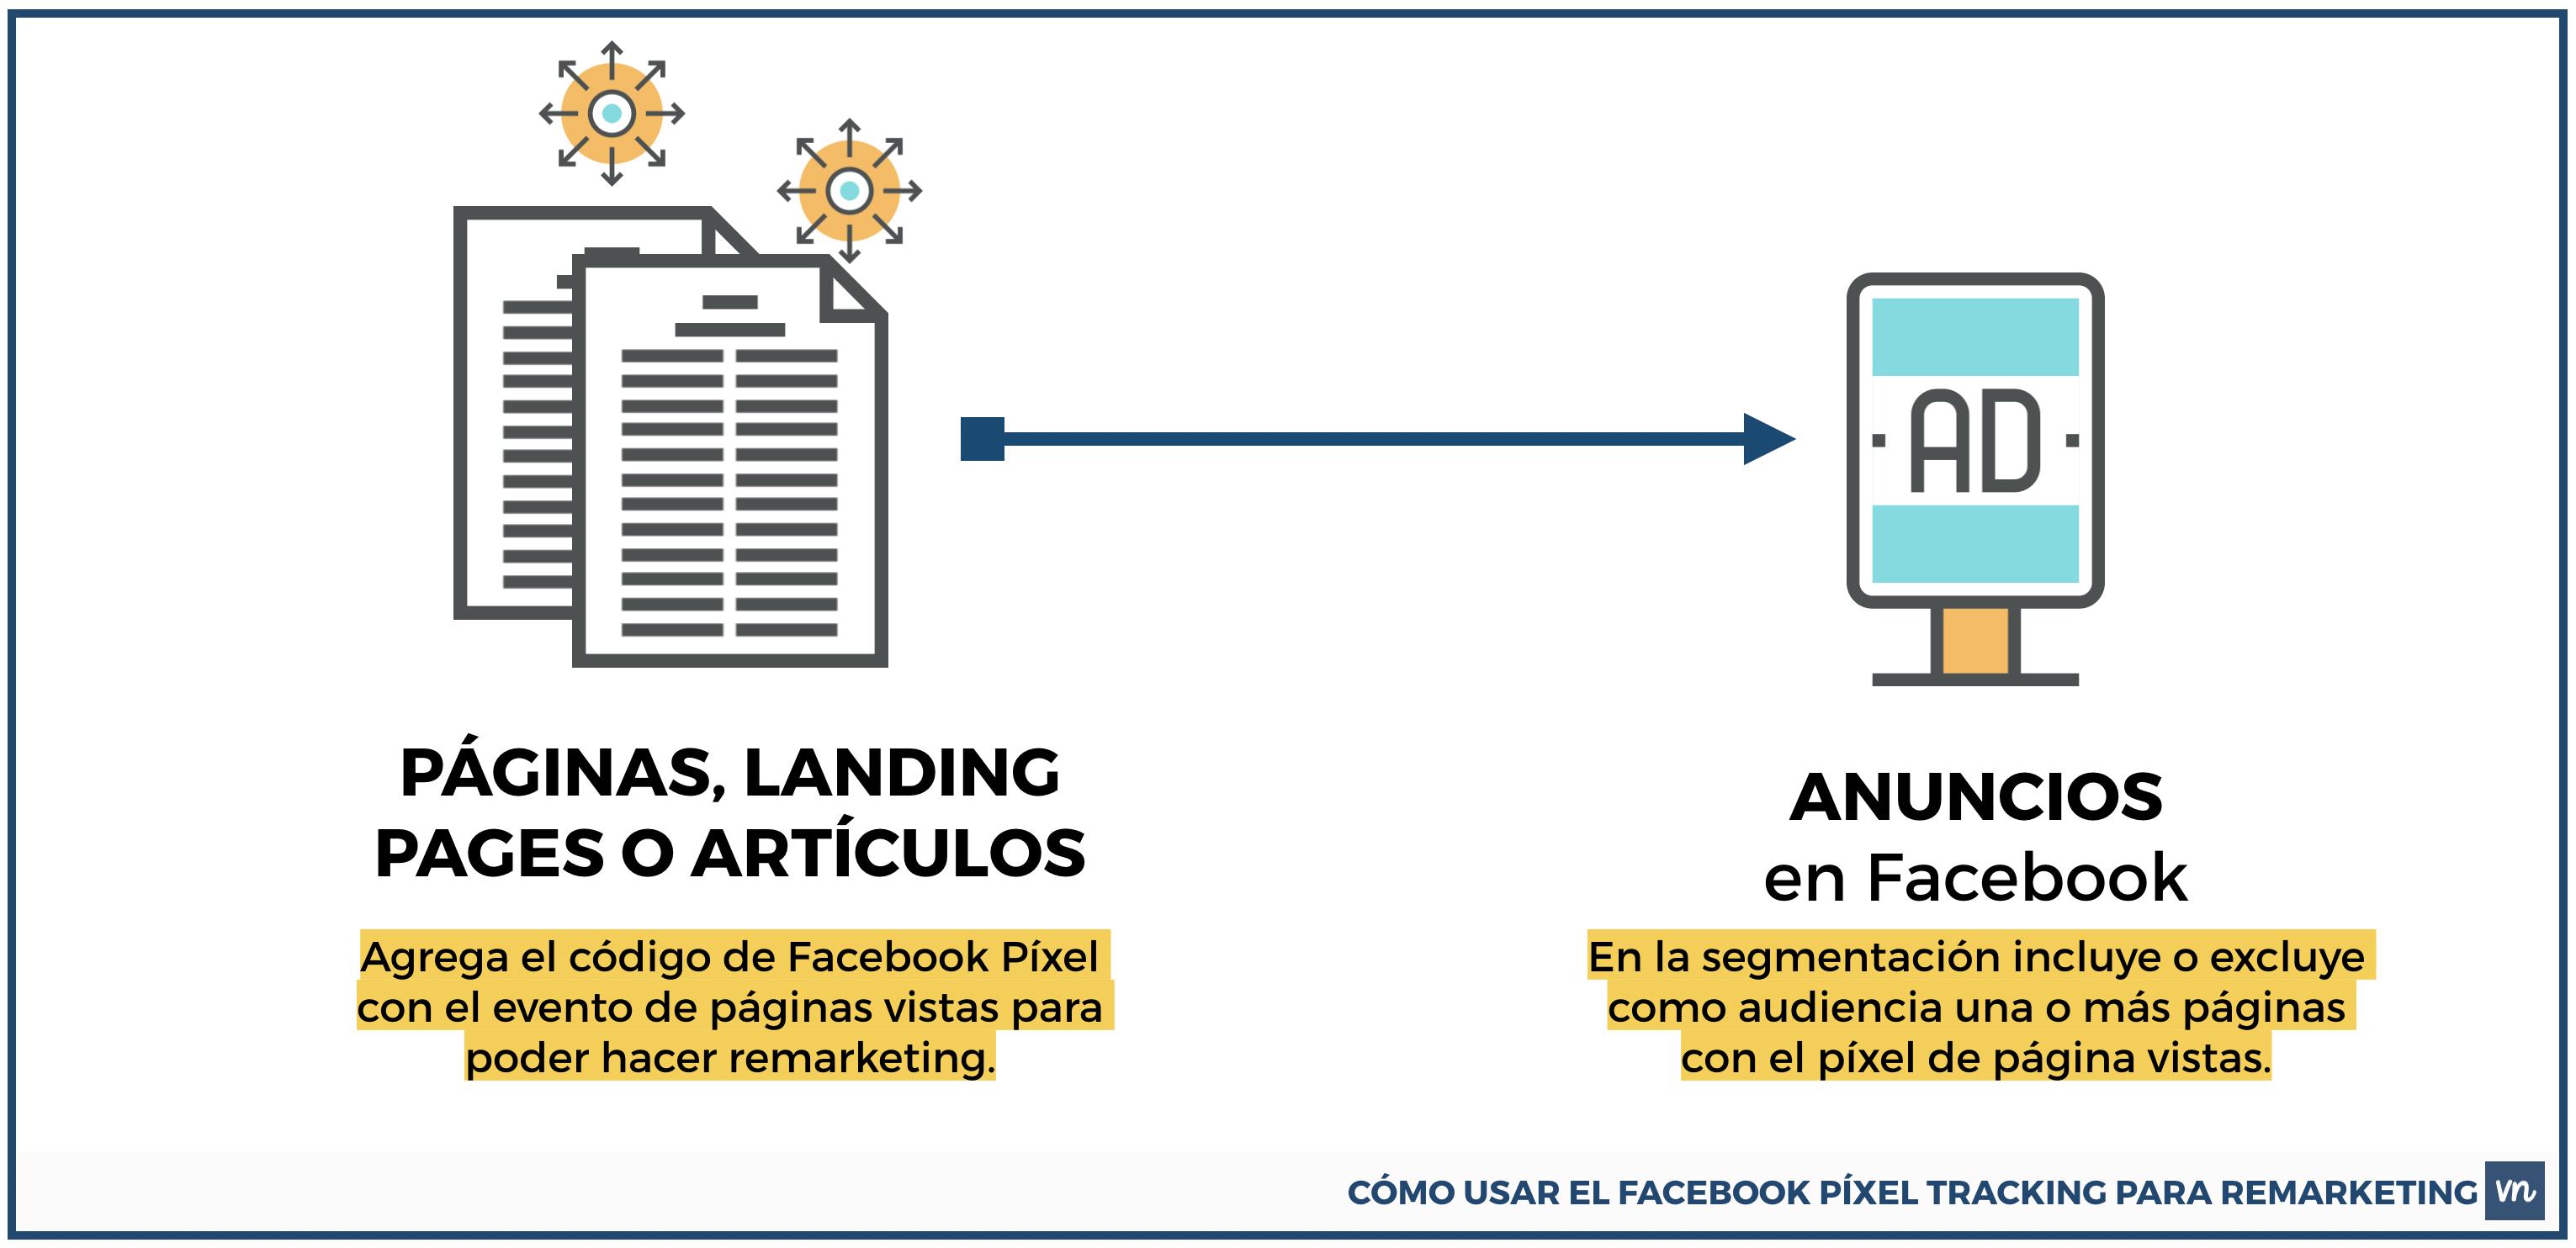 como usar el facebook pixel de facebook para remarketing